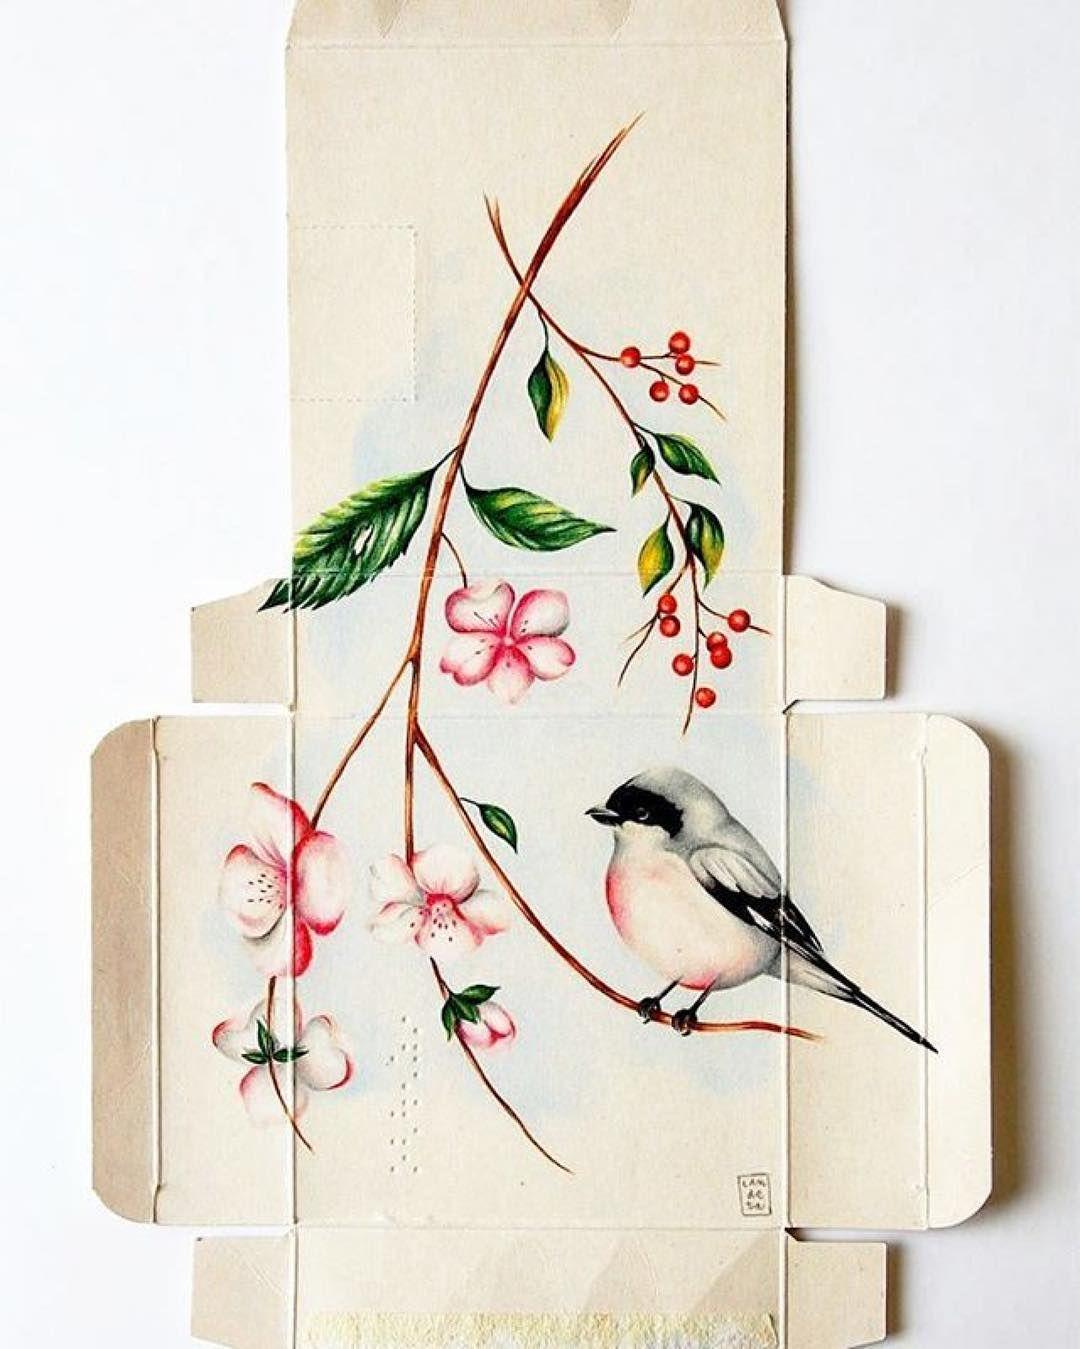 Pájaros y cajas de medicamentos #Repost @landeta__s  Merry Christmas to all!